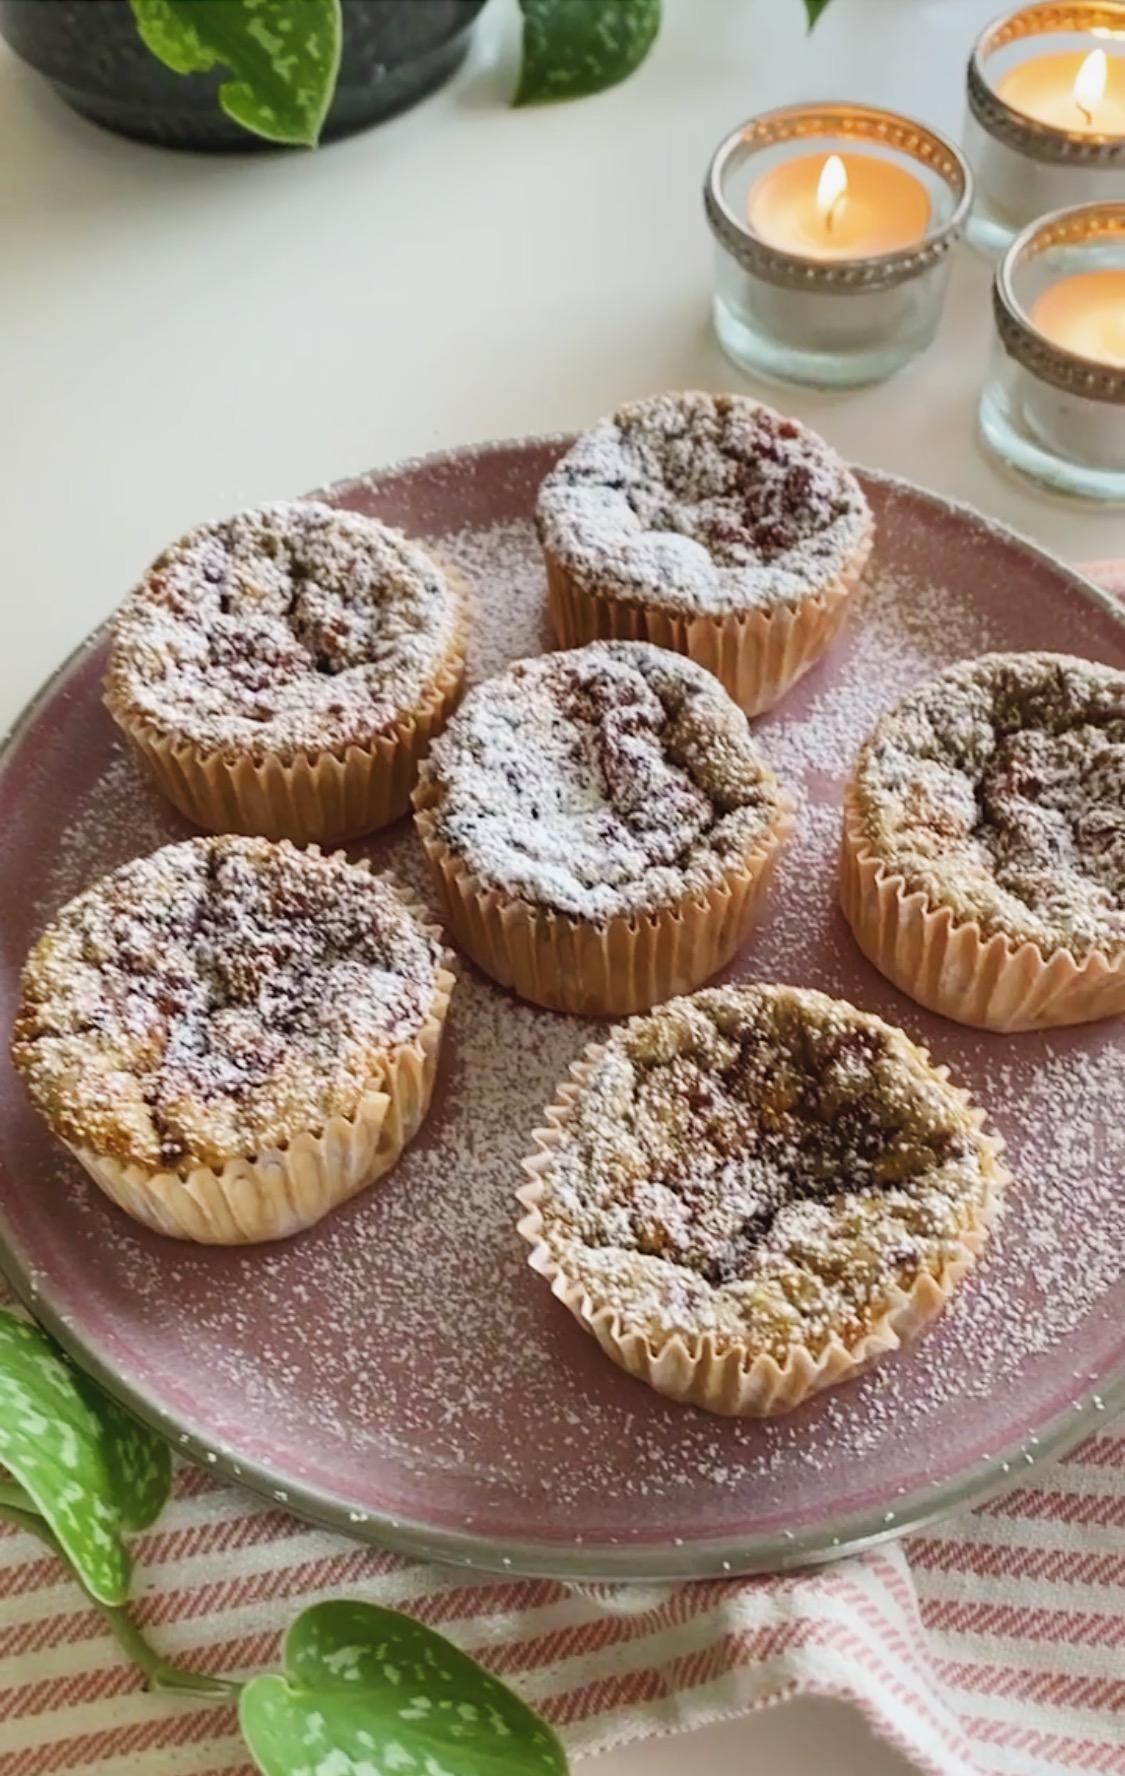 TIK TOK muffins